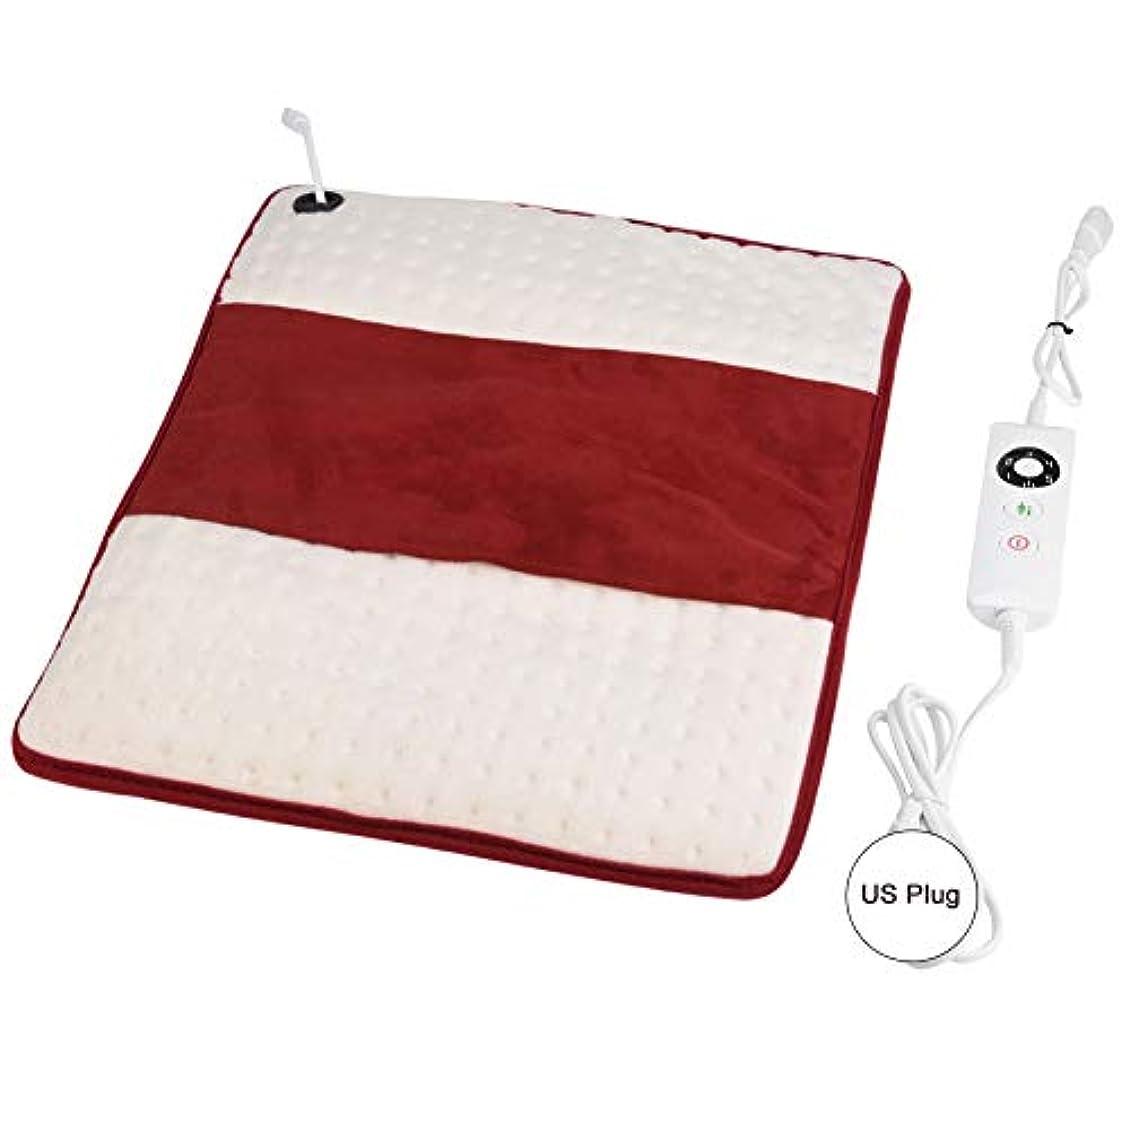 平らにする重力名目上の電気暖房のパッド、多機能の電気暖房療法のパッドの洗濯できる腰痛の救助のマット(US Plug)